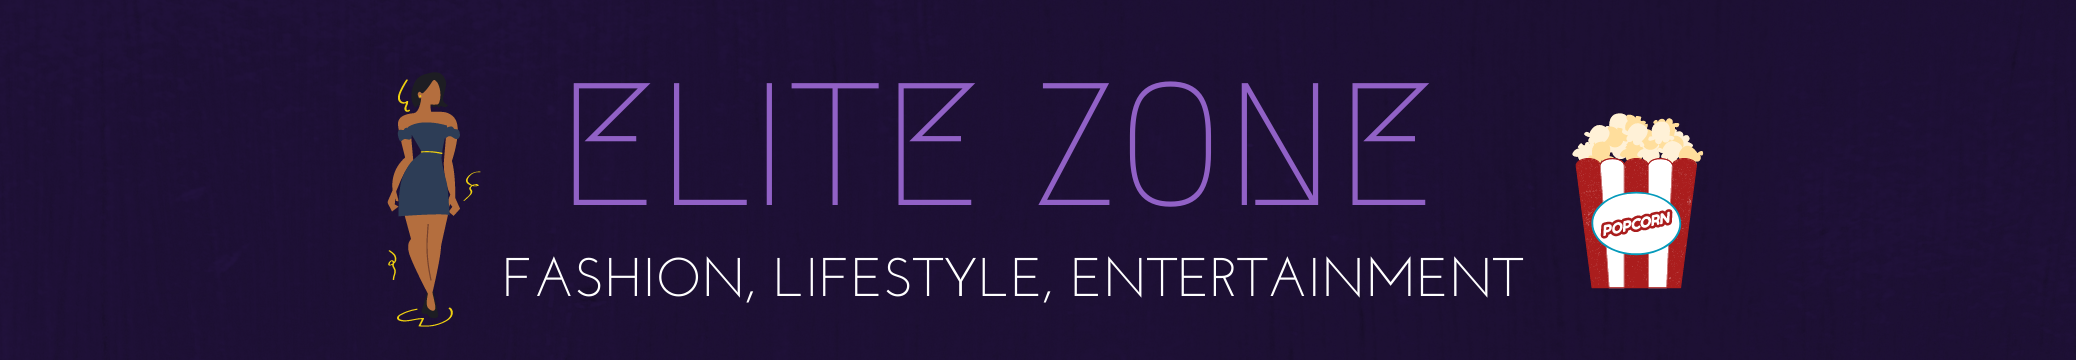 Elite Zone